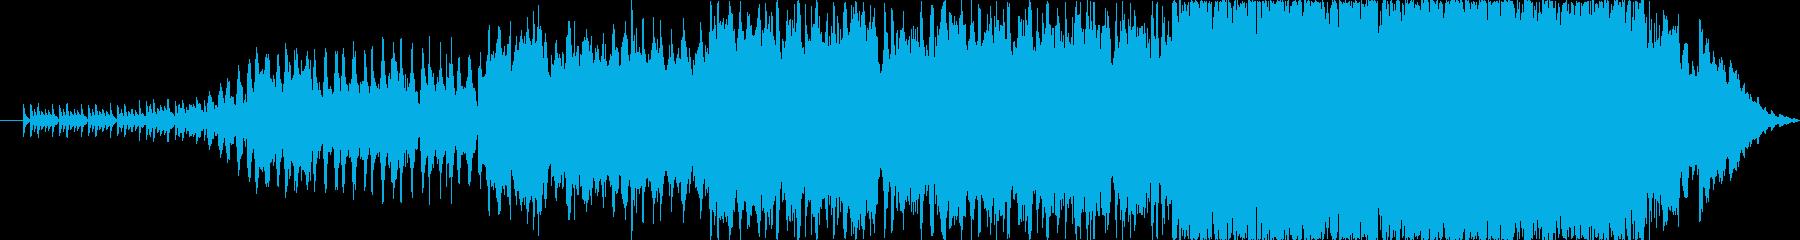 オーケストラの編成で草原をイメージに作…の再生済みの波形